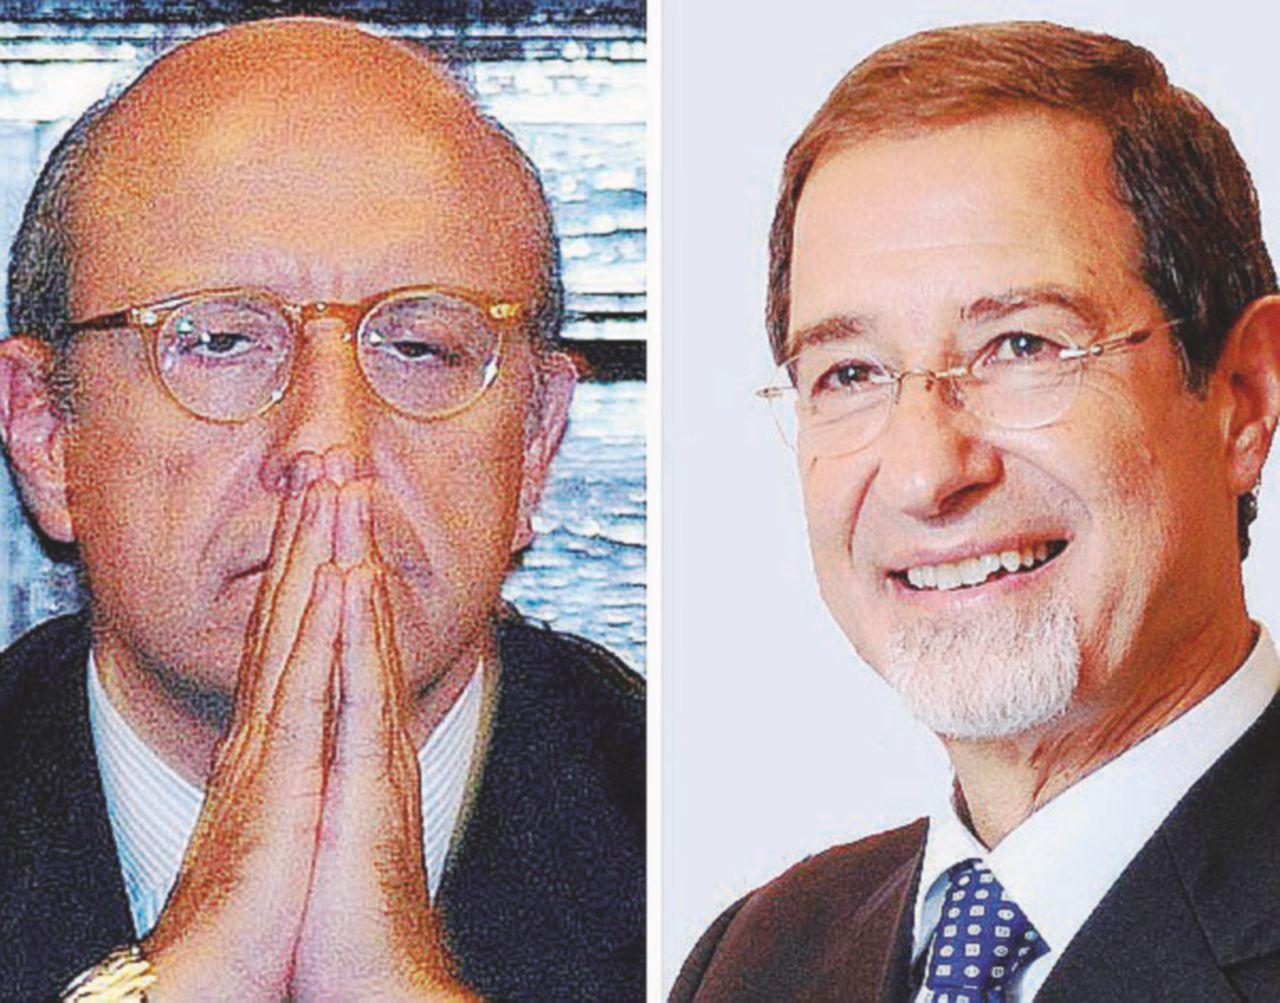 Elezioni in Sicilia, vai avanti tu che a noi ci viene da piangere